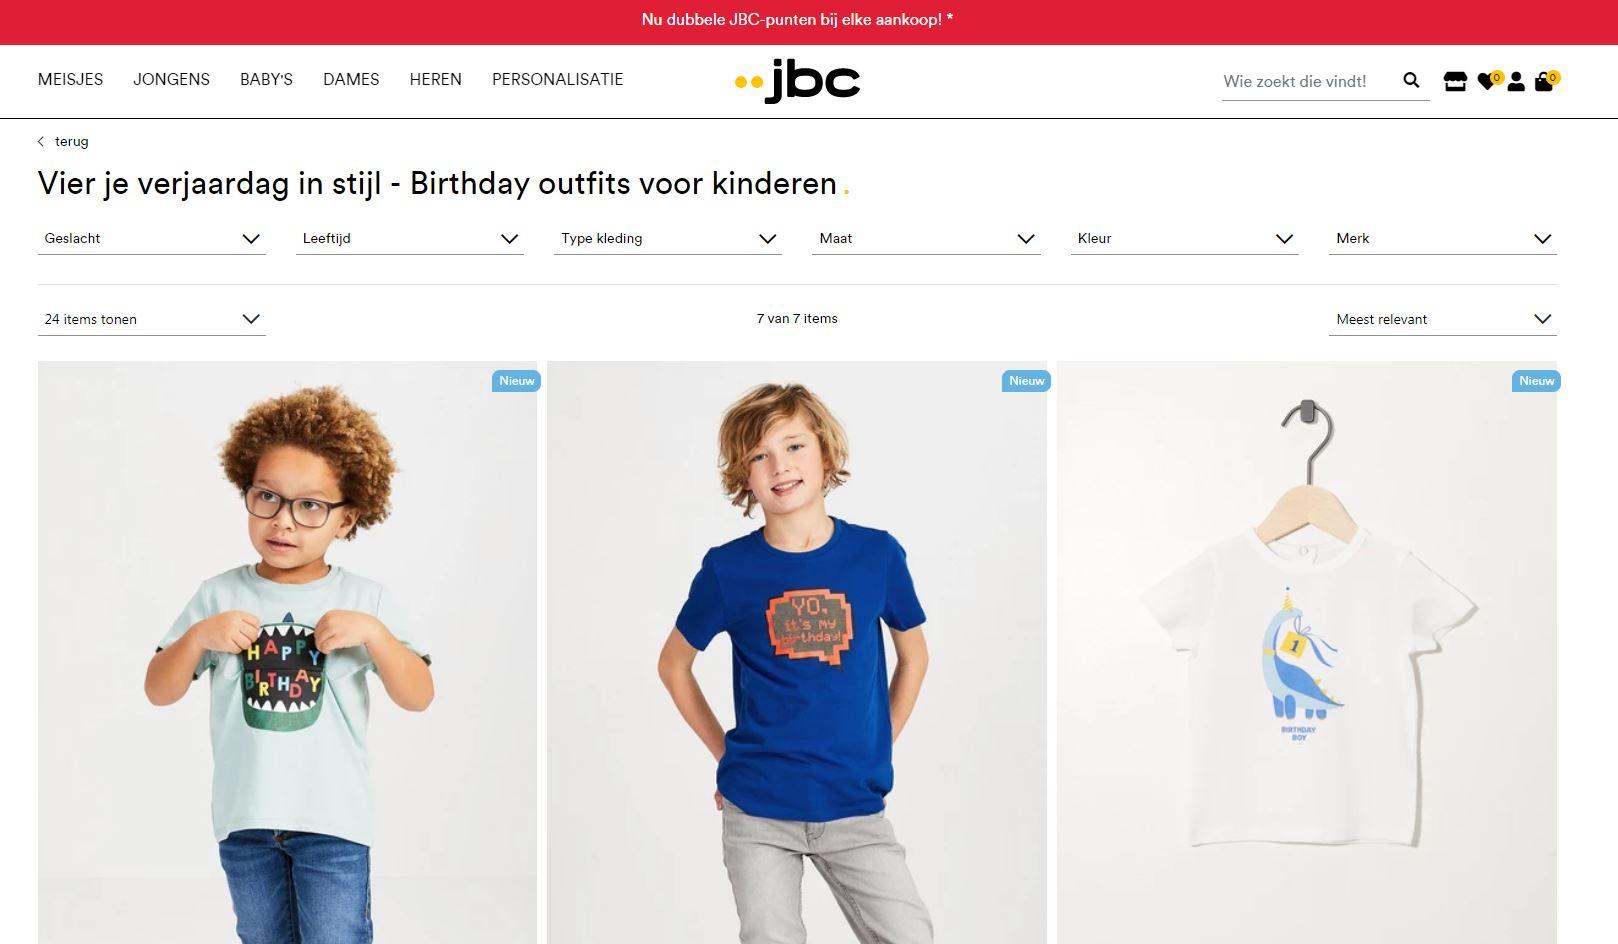 speciale verjaardagafdeling bij jbc belgie